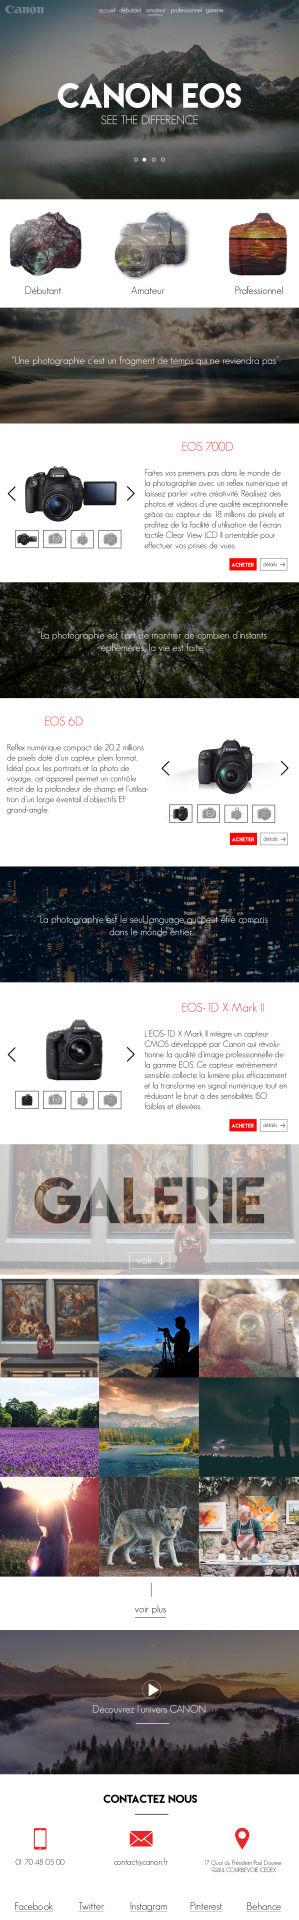 Design d'un site